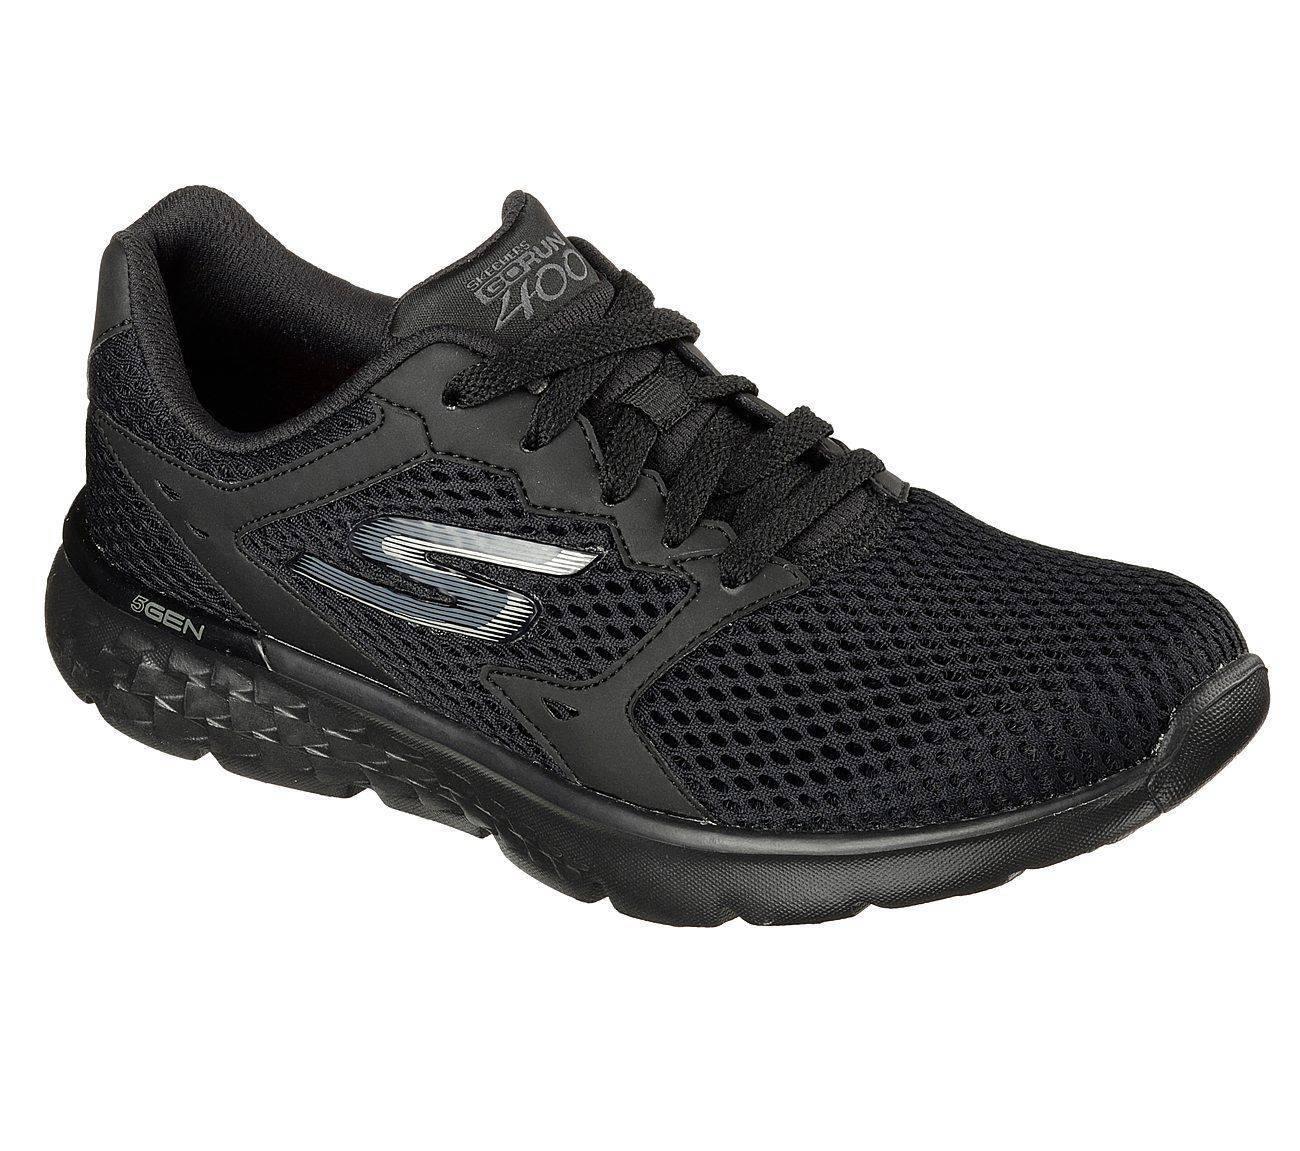 Skechers GORUN 400 Black sneakers for Women -8